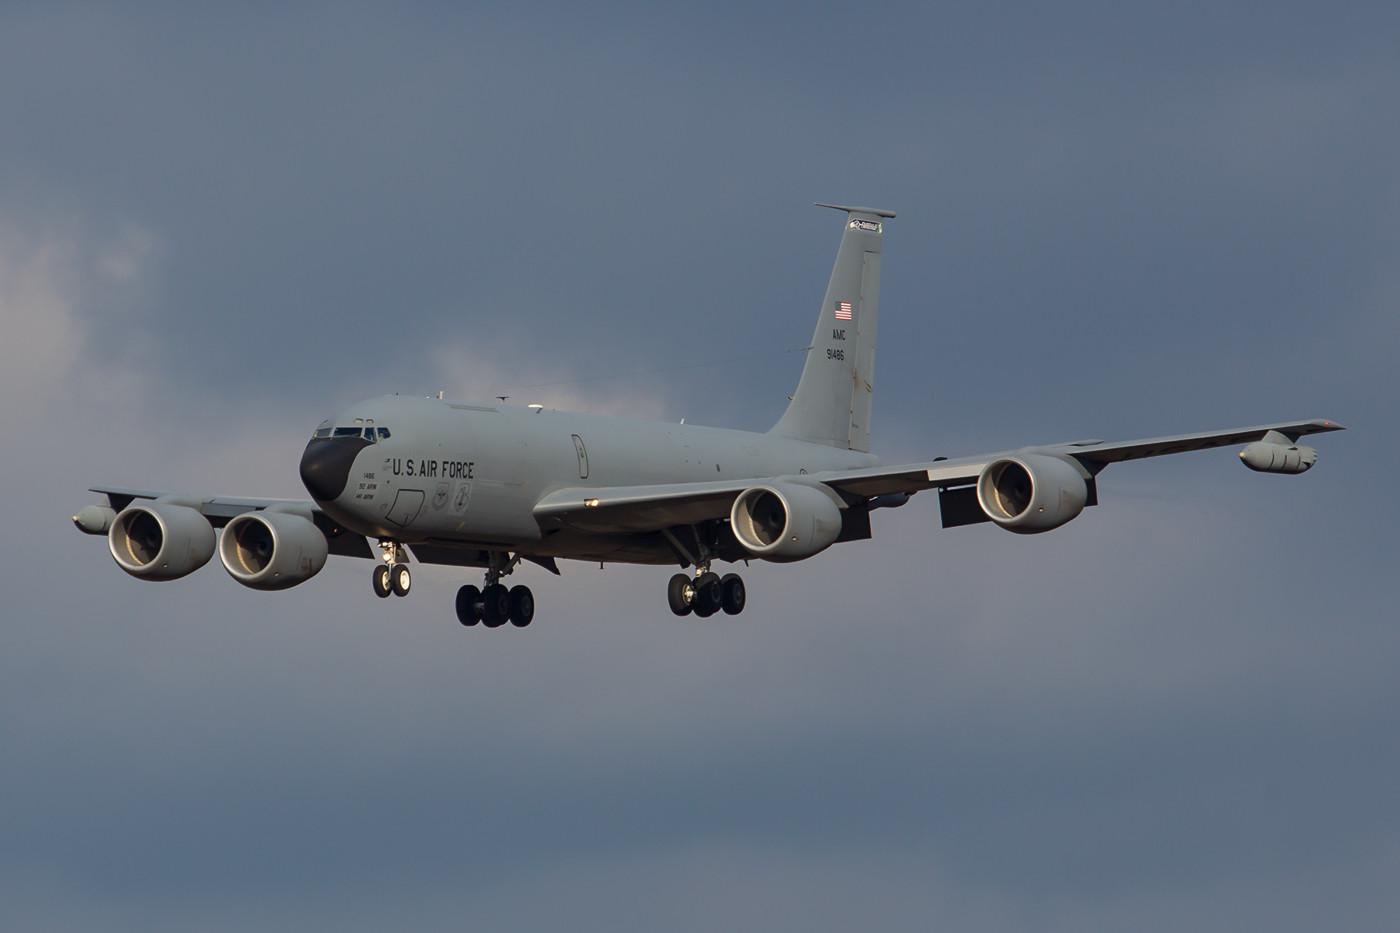 RMS 22.02.2015; KC-135R; 59-1486; 92nd ARW, Fairchild AFB (Washington)